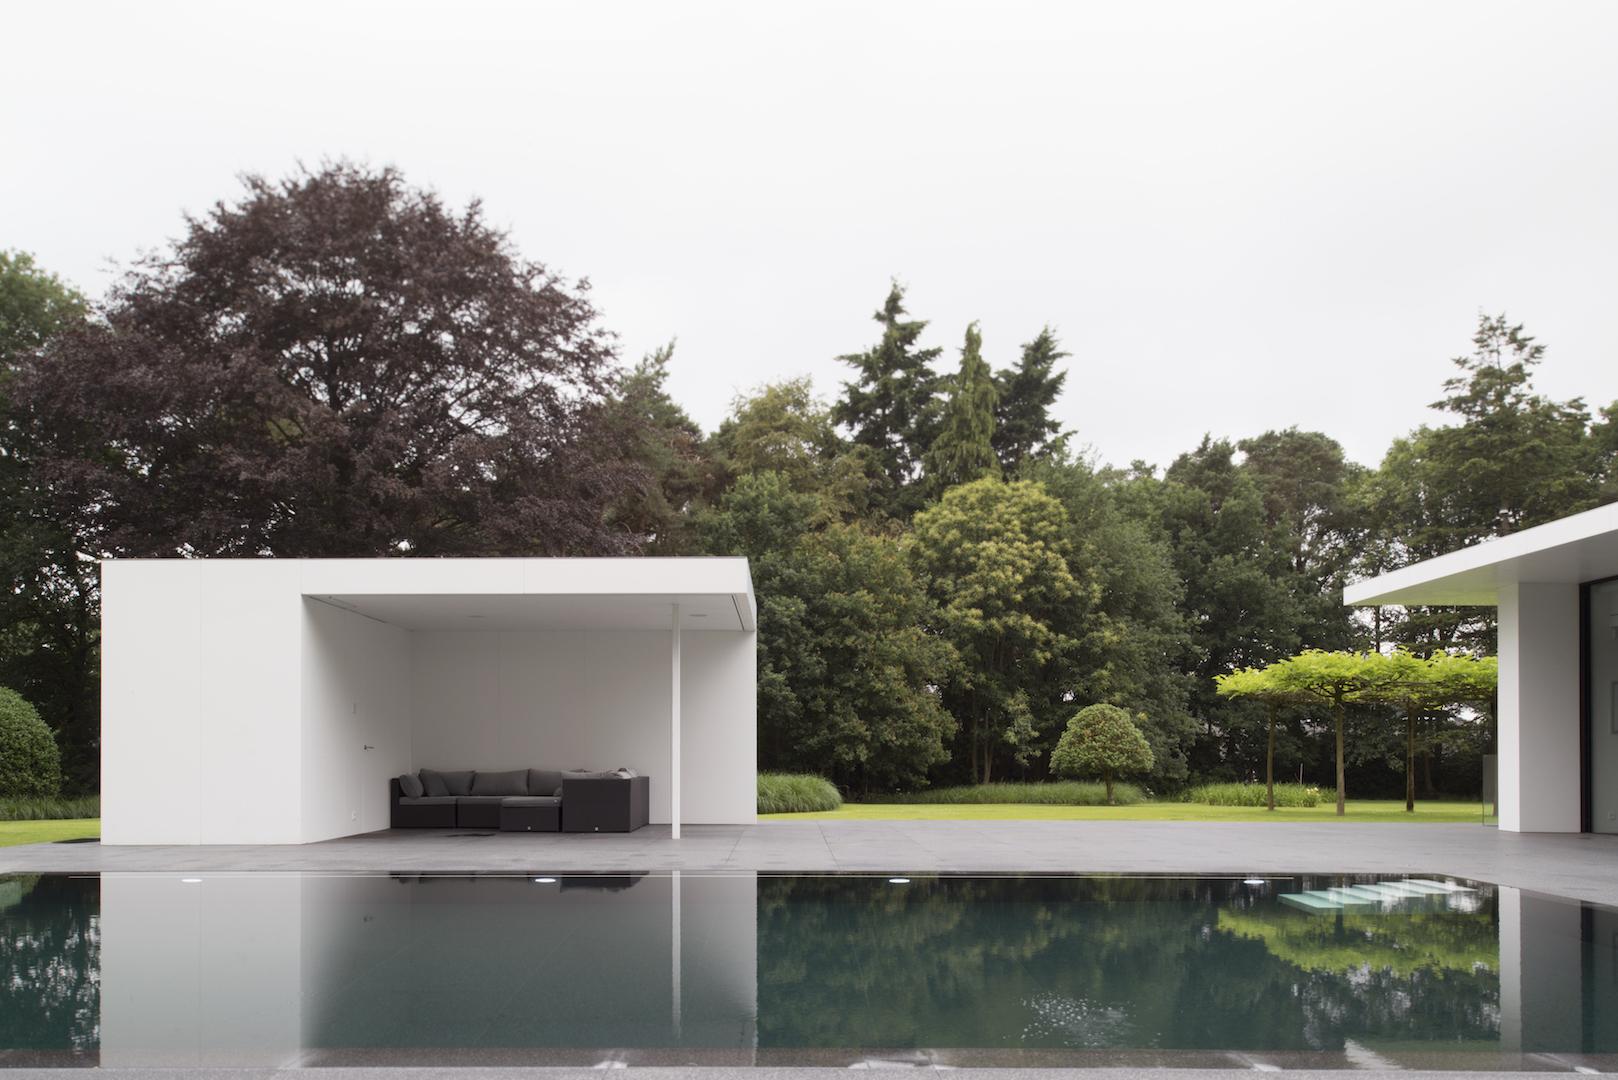 Prachtige zicht op de tuin en poolhouse met schaduwafdak.